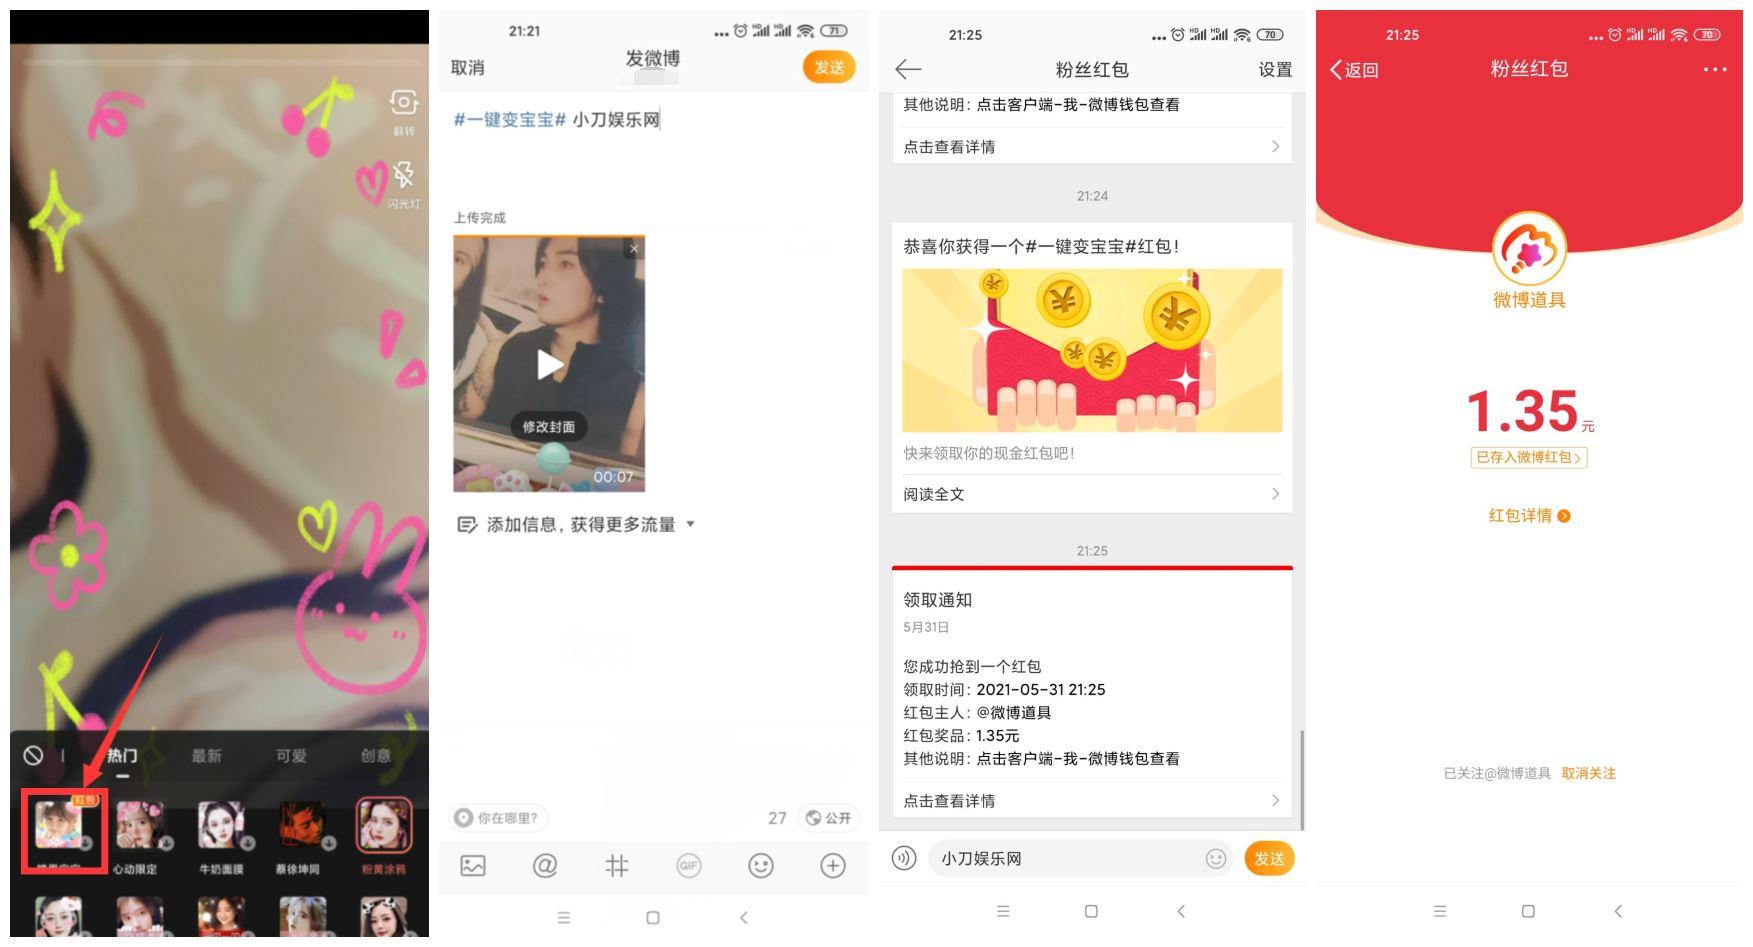 微博玩转视频道具抽随机红包